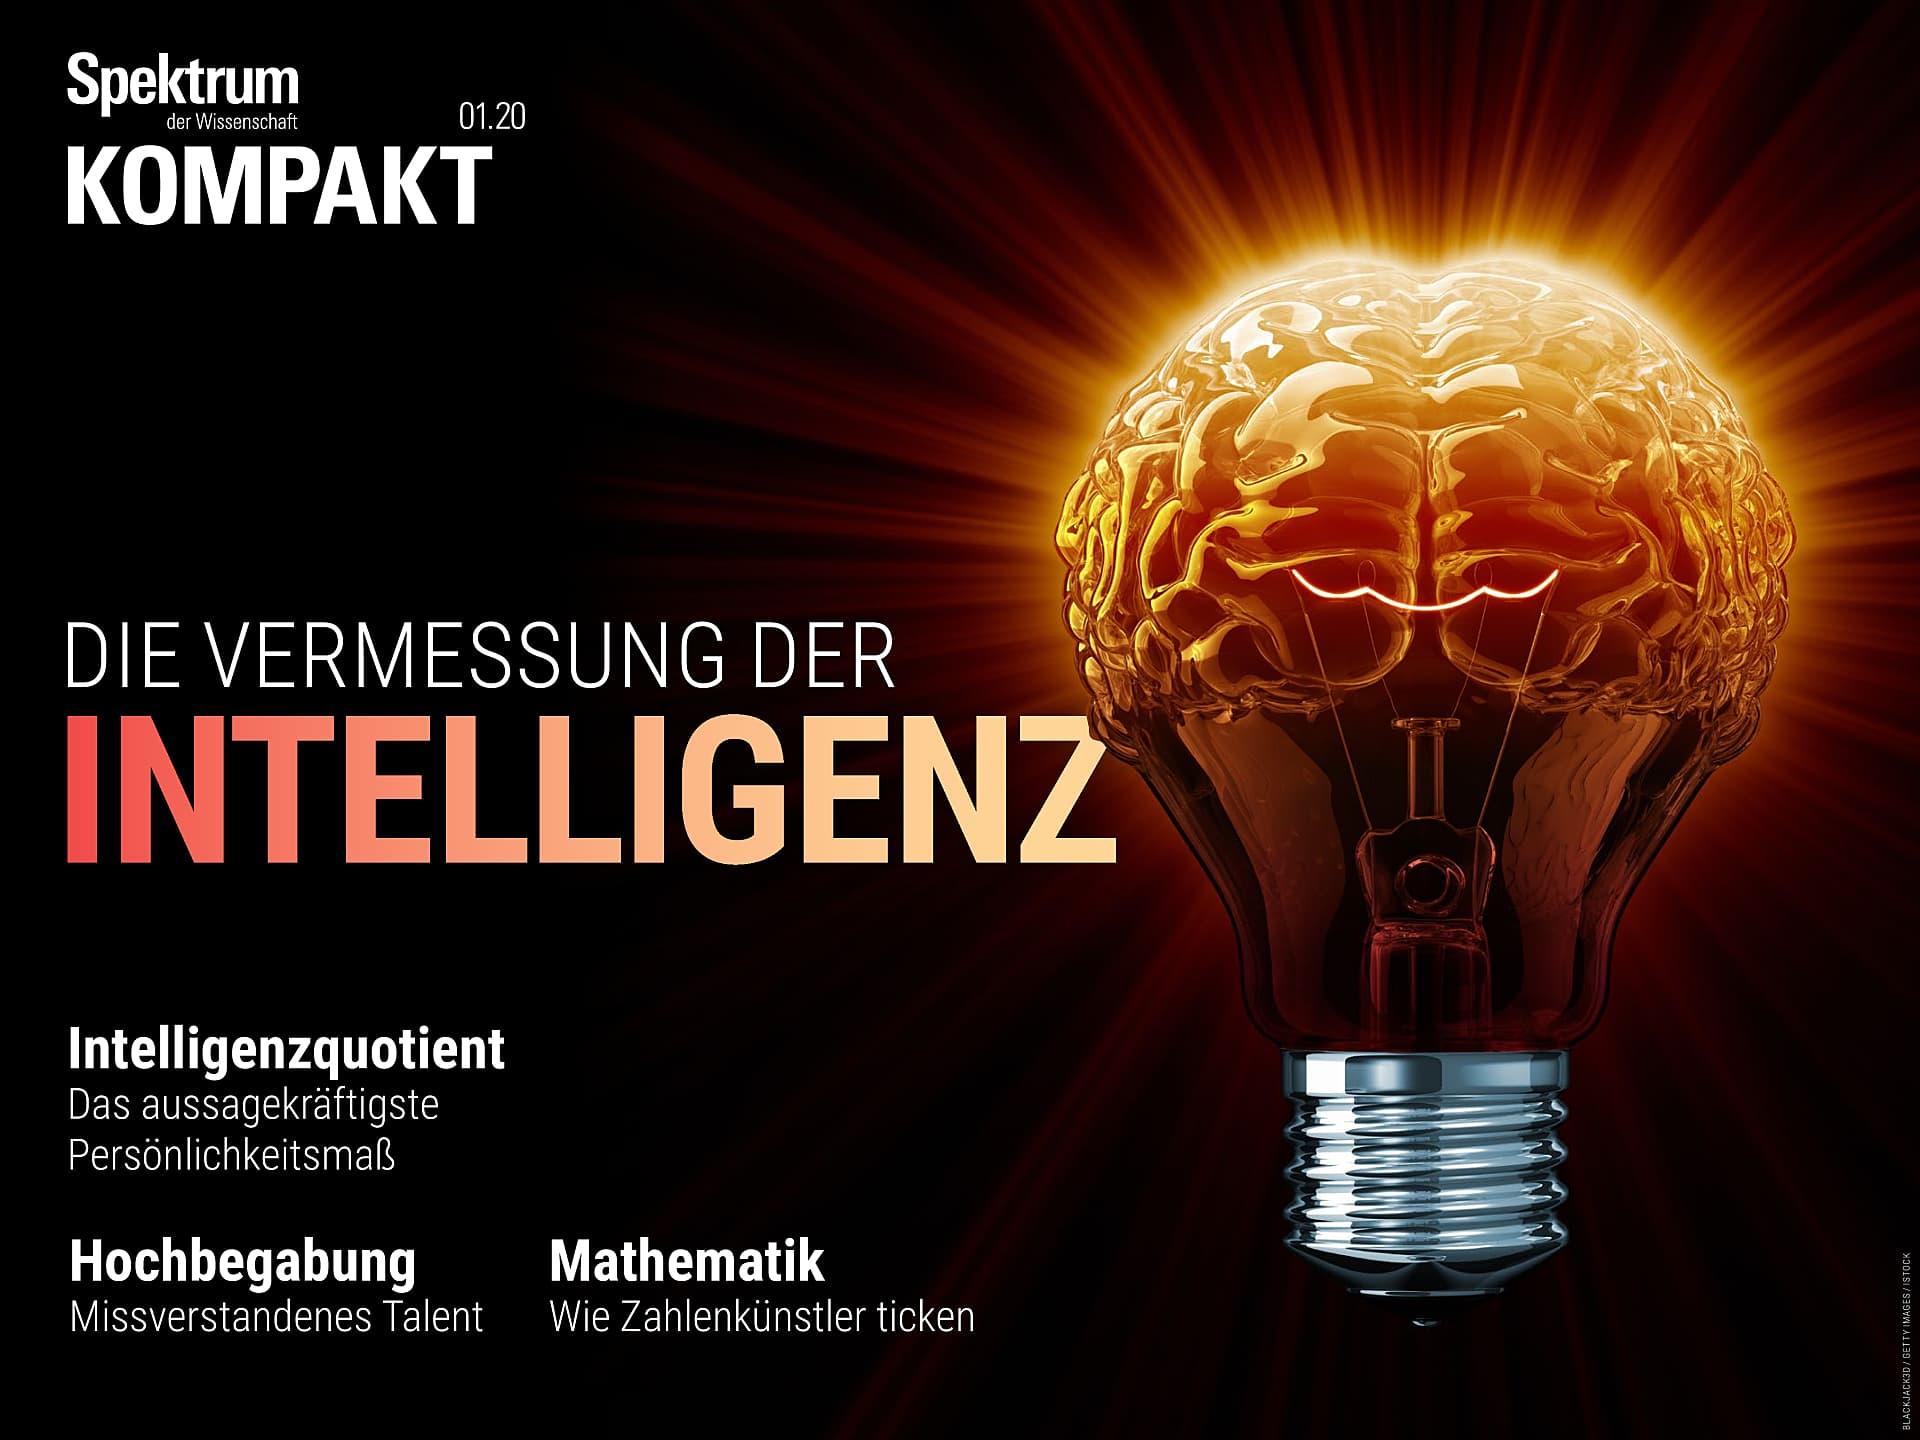 Die Vermessung der Intelligenz